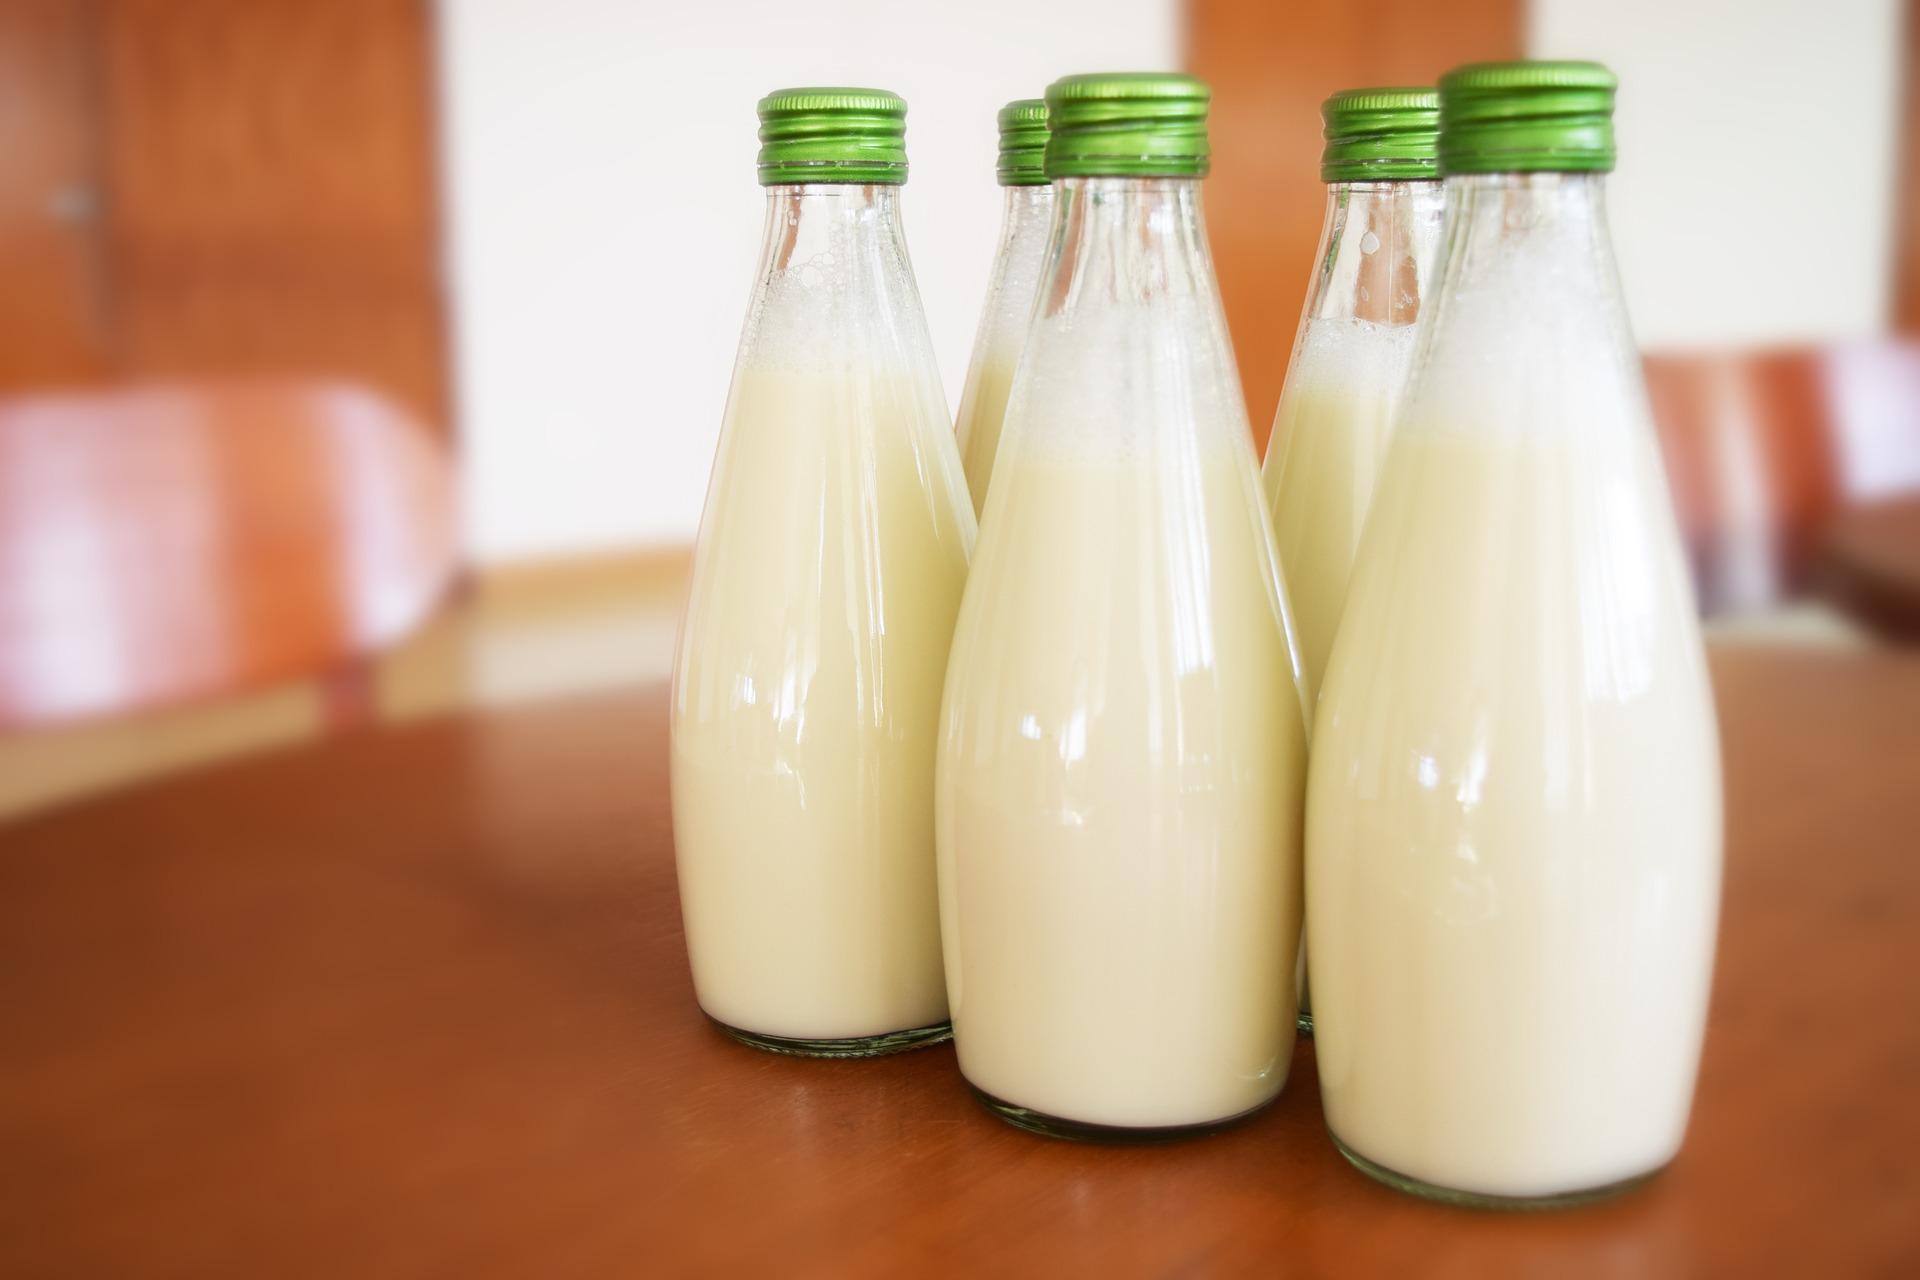 Висоцький: Ефективність діяльності та держпідтримка гарантуватимуть конкурентоздатність українського молочного сектору